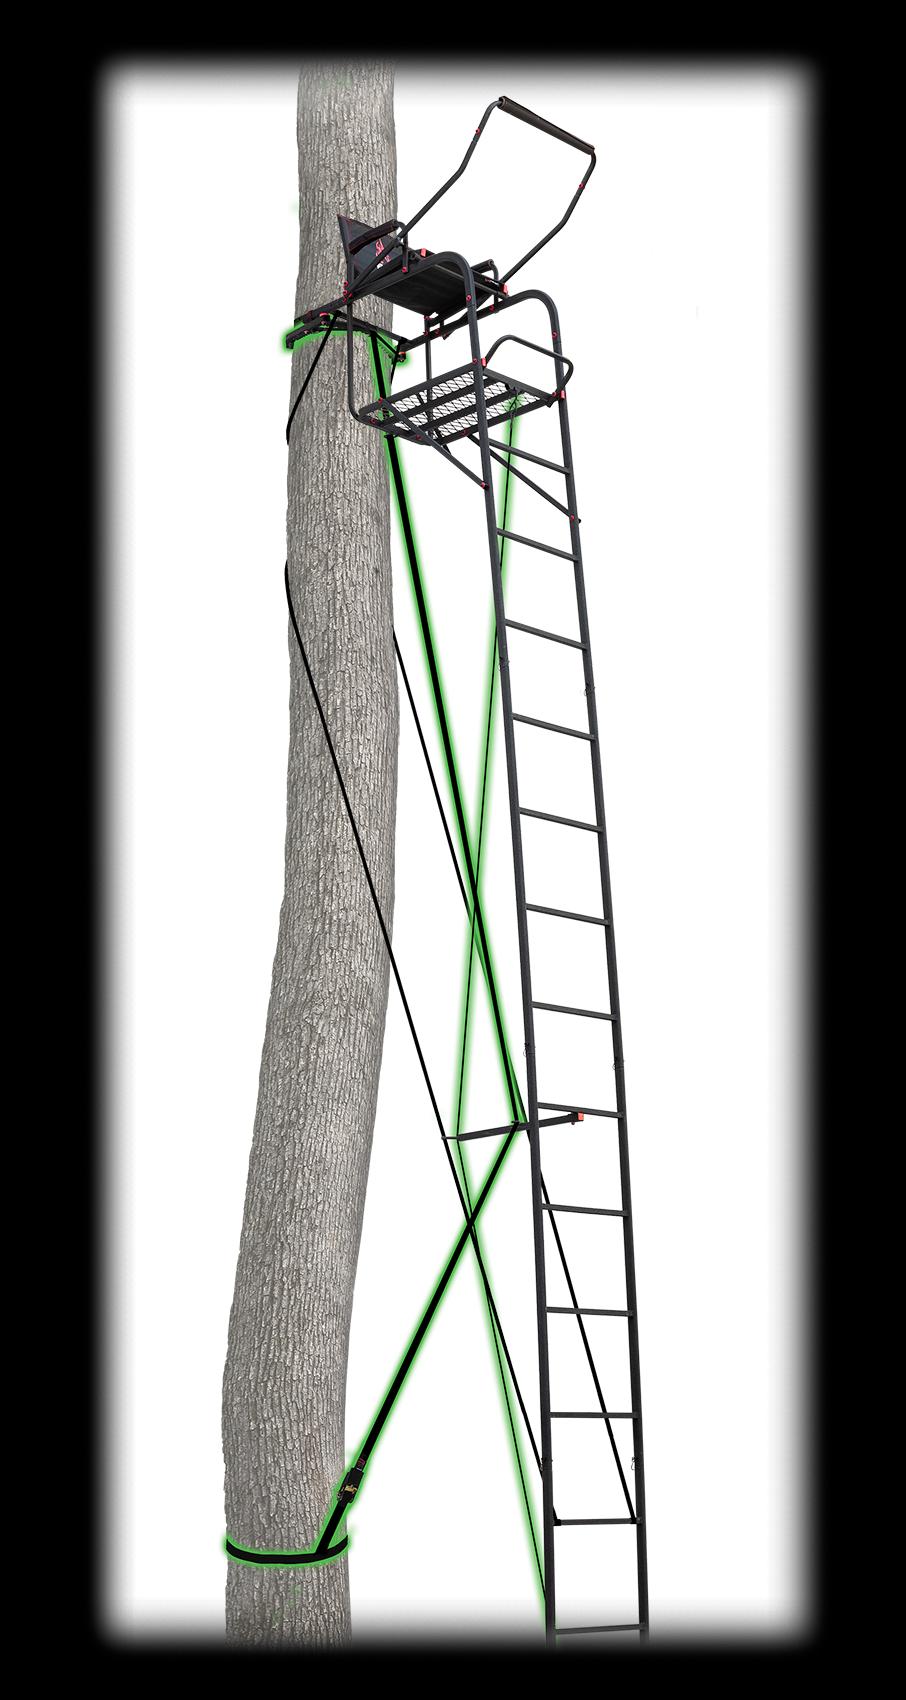 22' Deluxe Ladderstand